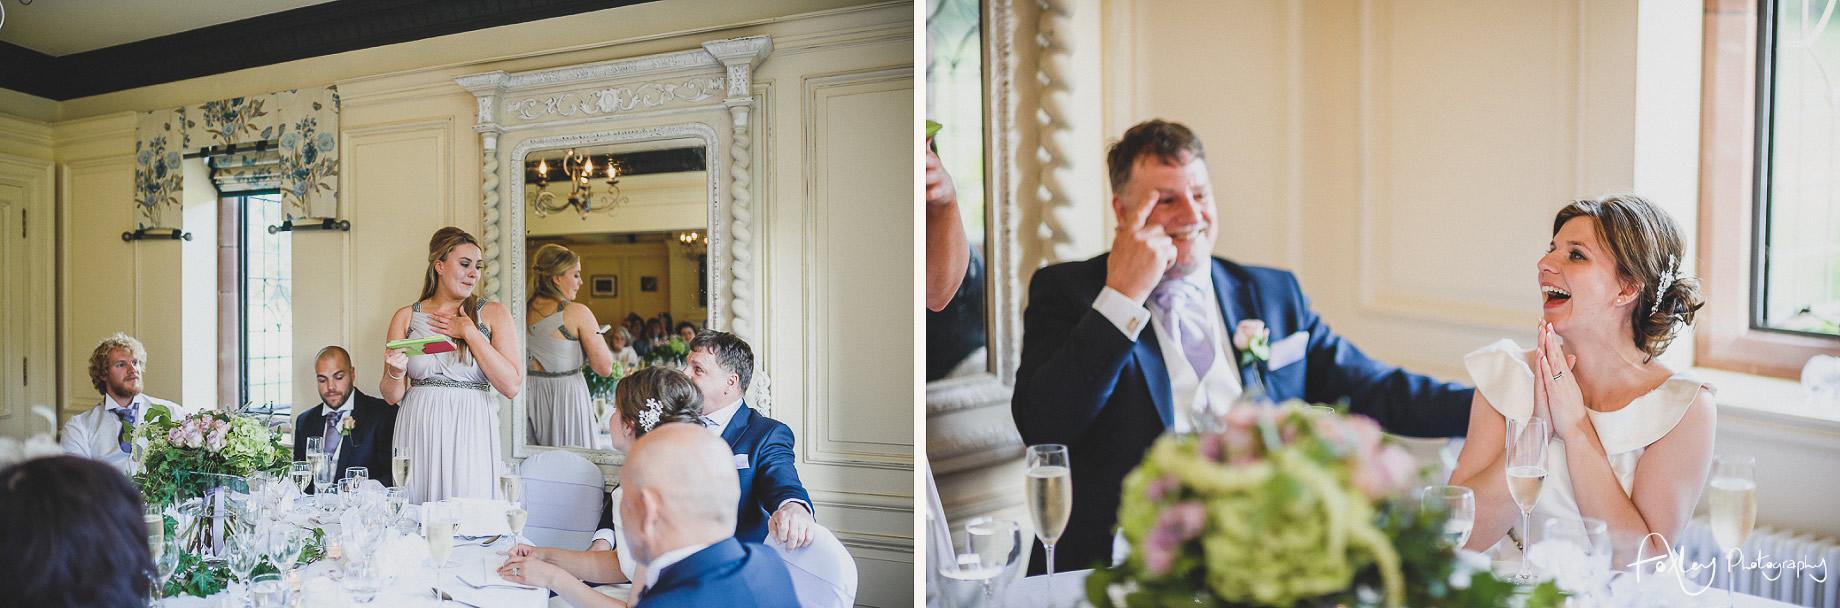 Simona-and-Robert-Wedding-at-Colshaw-Hall-119